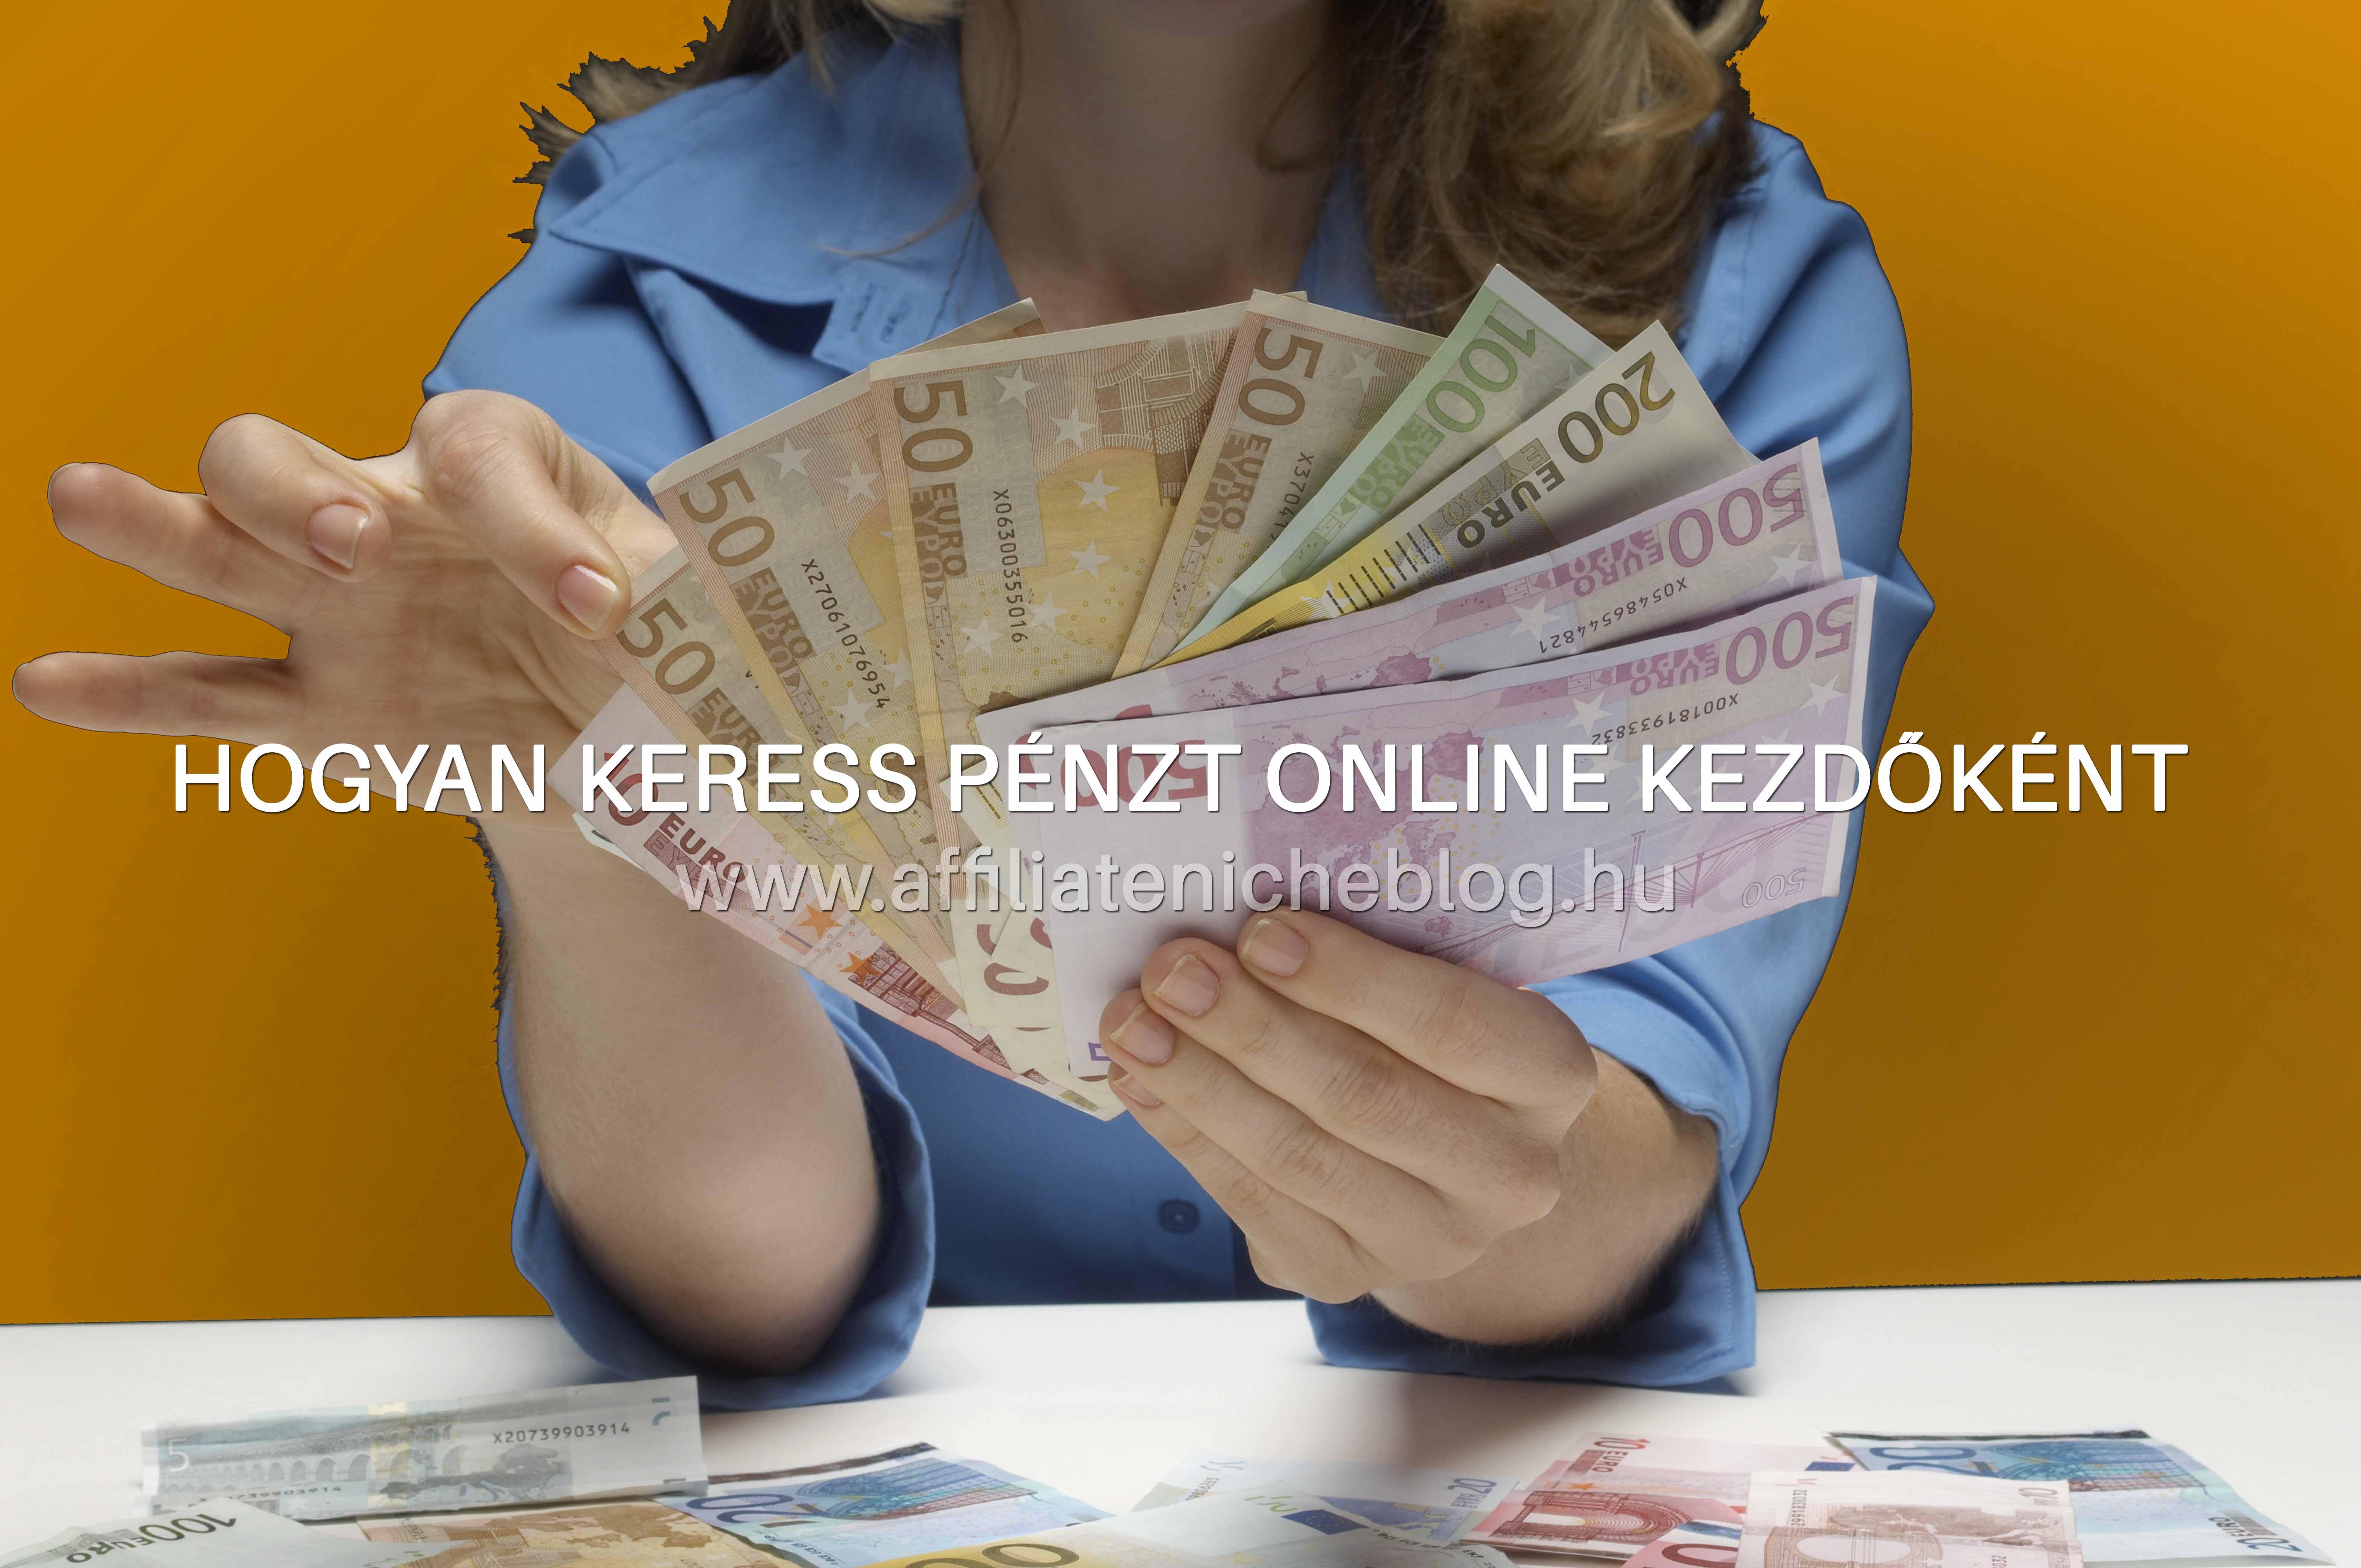 az internetes pénzkeresési oldalak értékelése hogyan lehet pénzt keresni néhány nap alatt